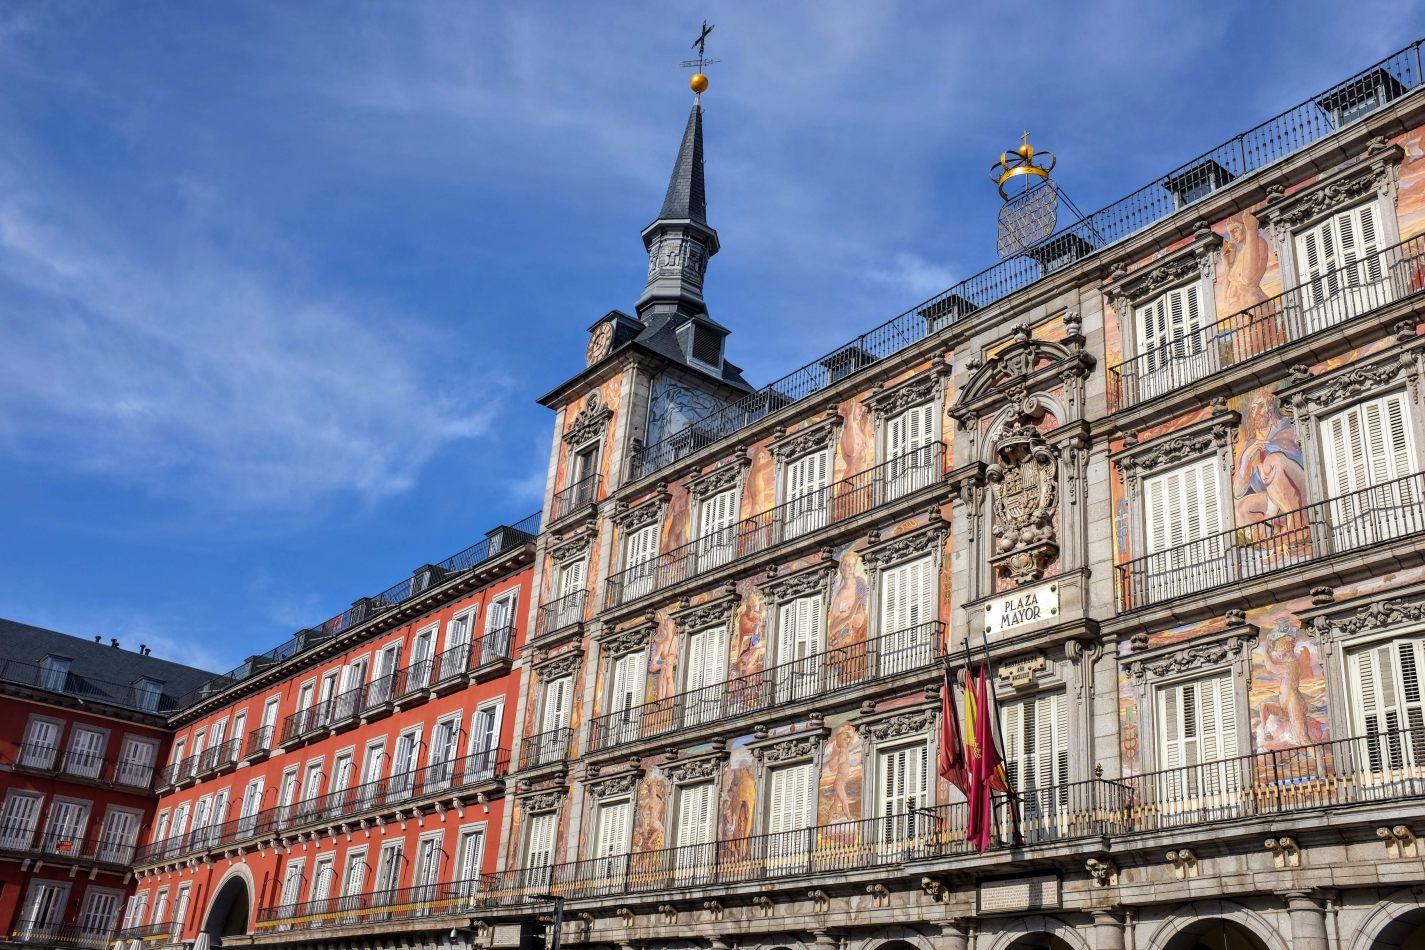 Hibiscus & Nomada : Madrid - Souvenirs Shop